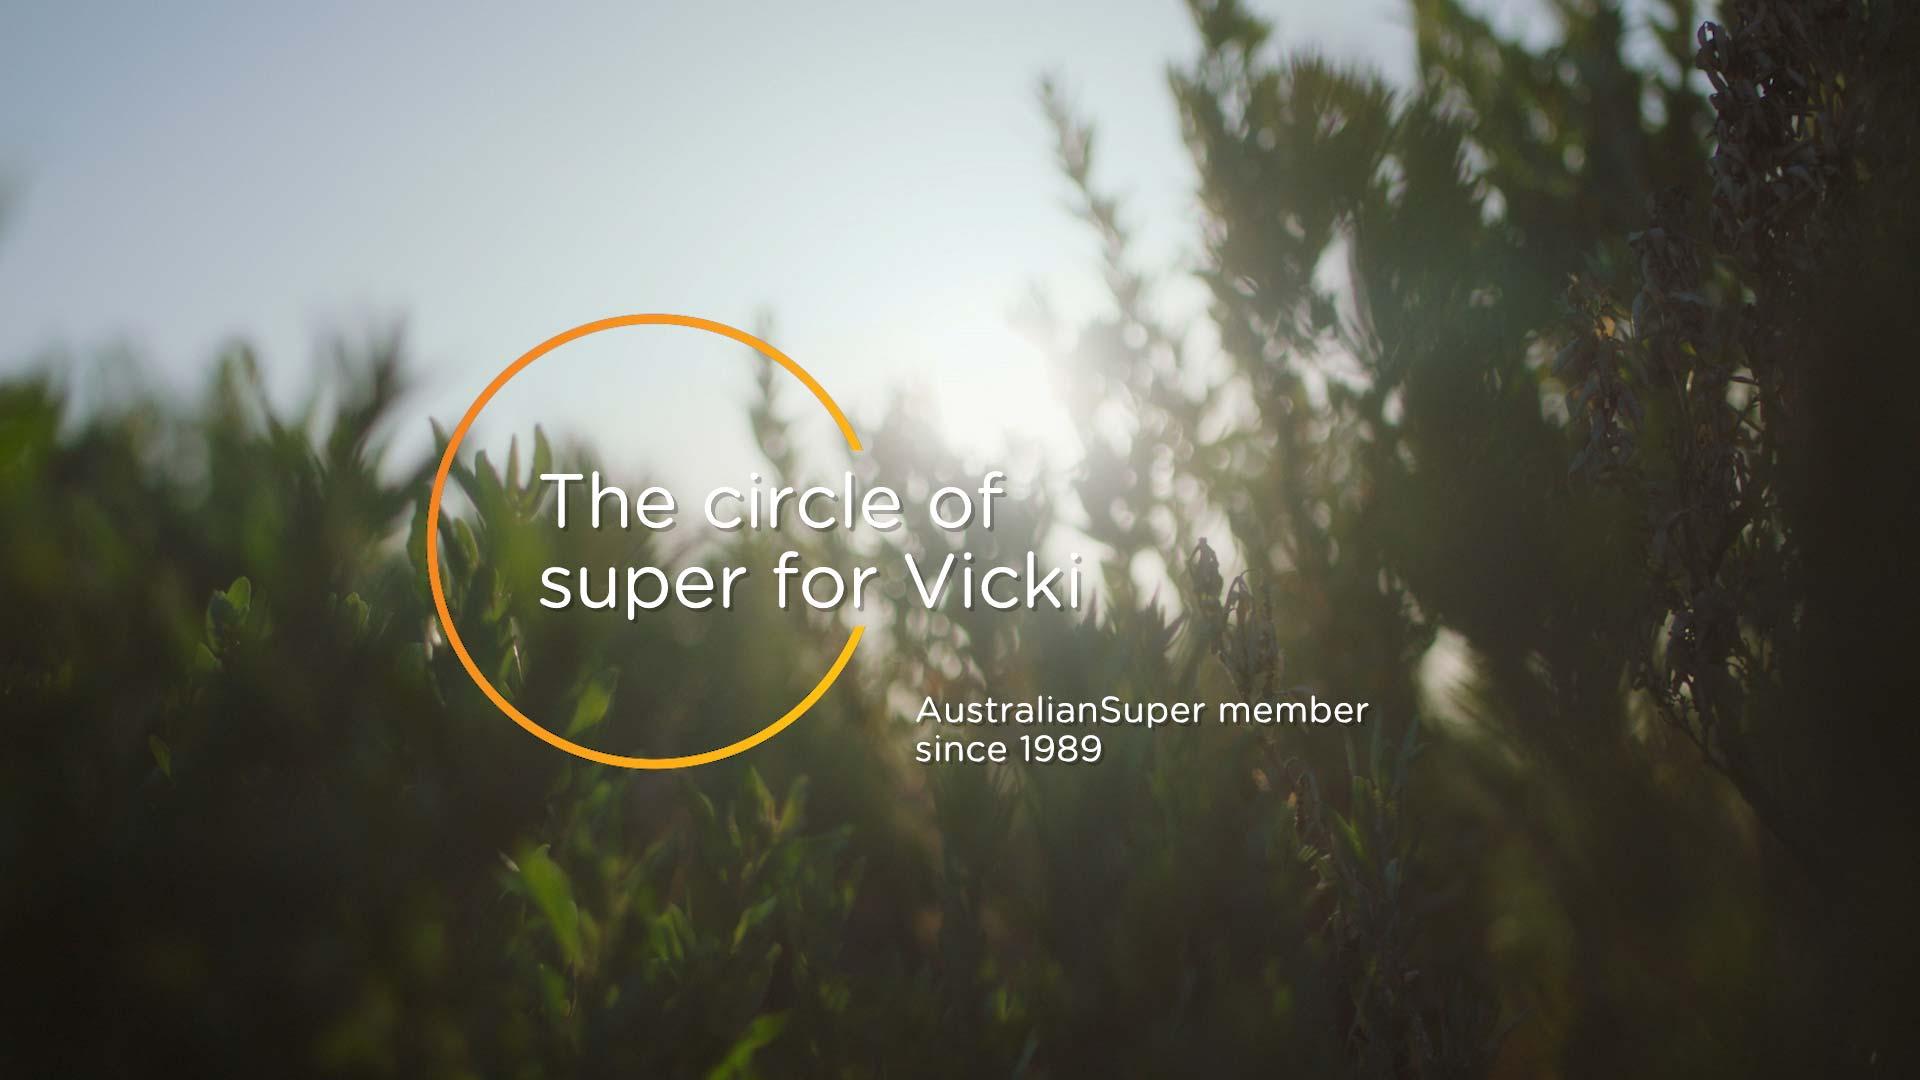 Silky_Jazz_Commerical_AustralianSuper_01